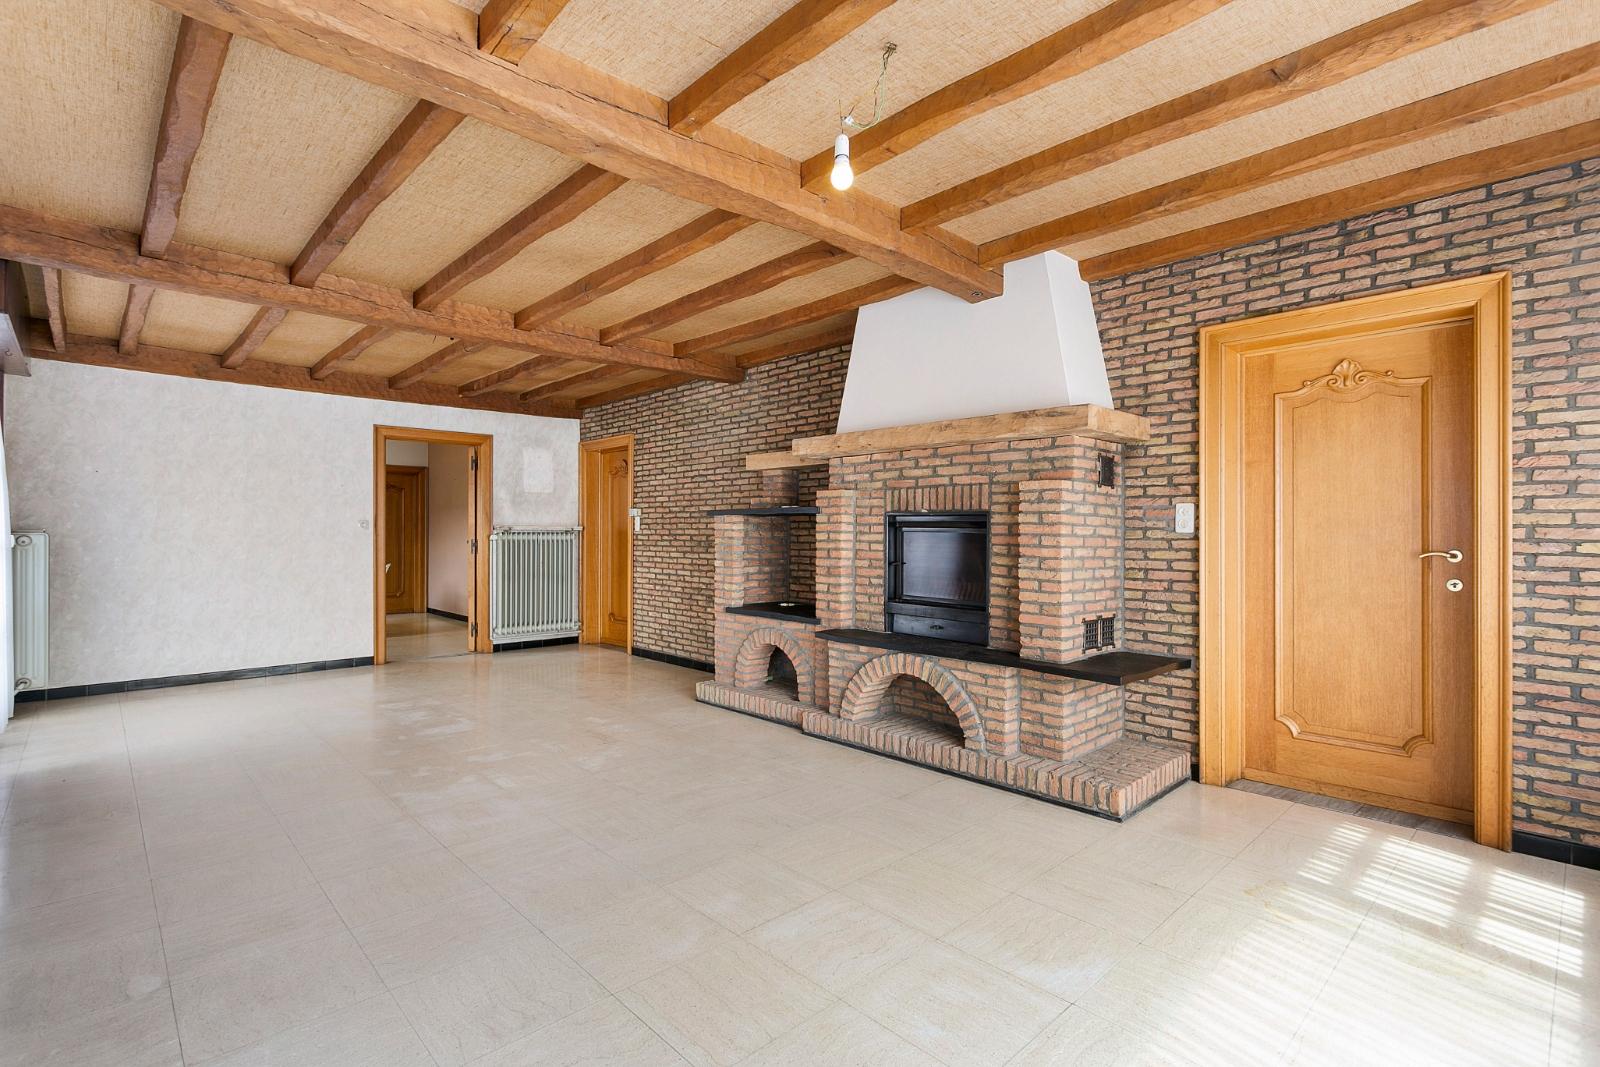 Vrijstaande, gelijkvloerse woning met garage en 3 slaapkamers te Koekelare - 6